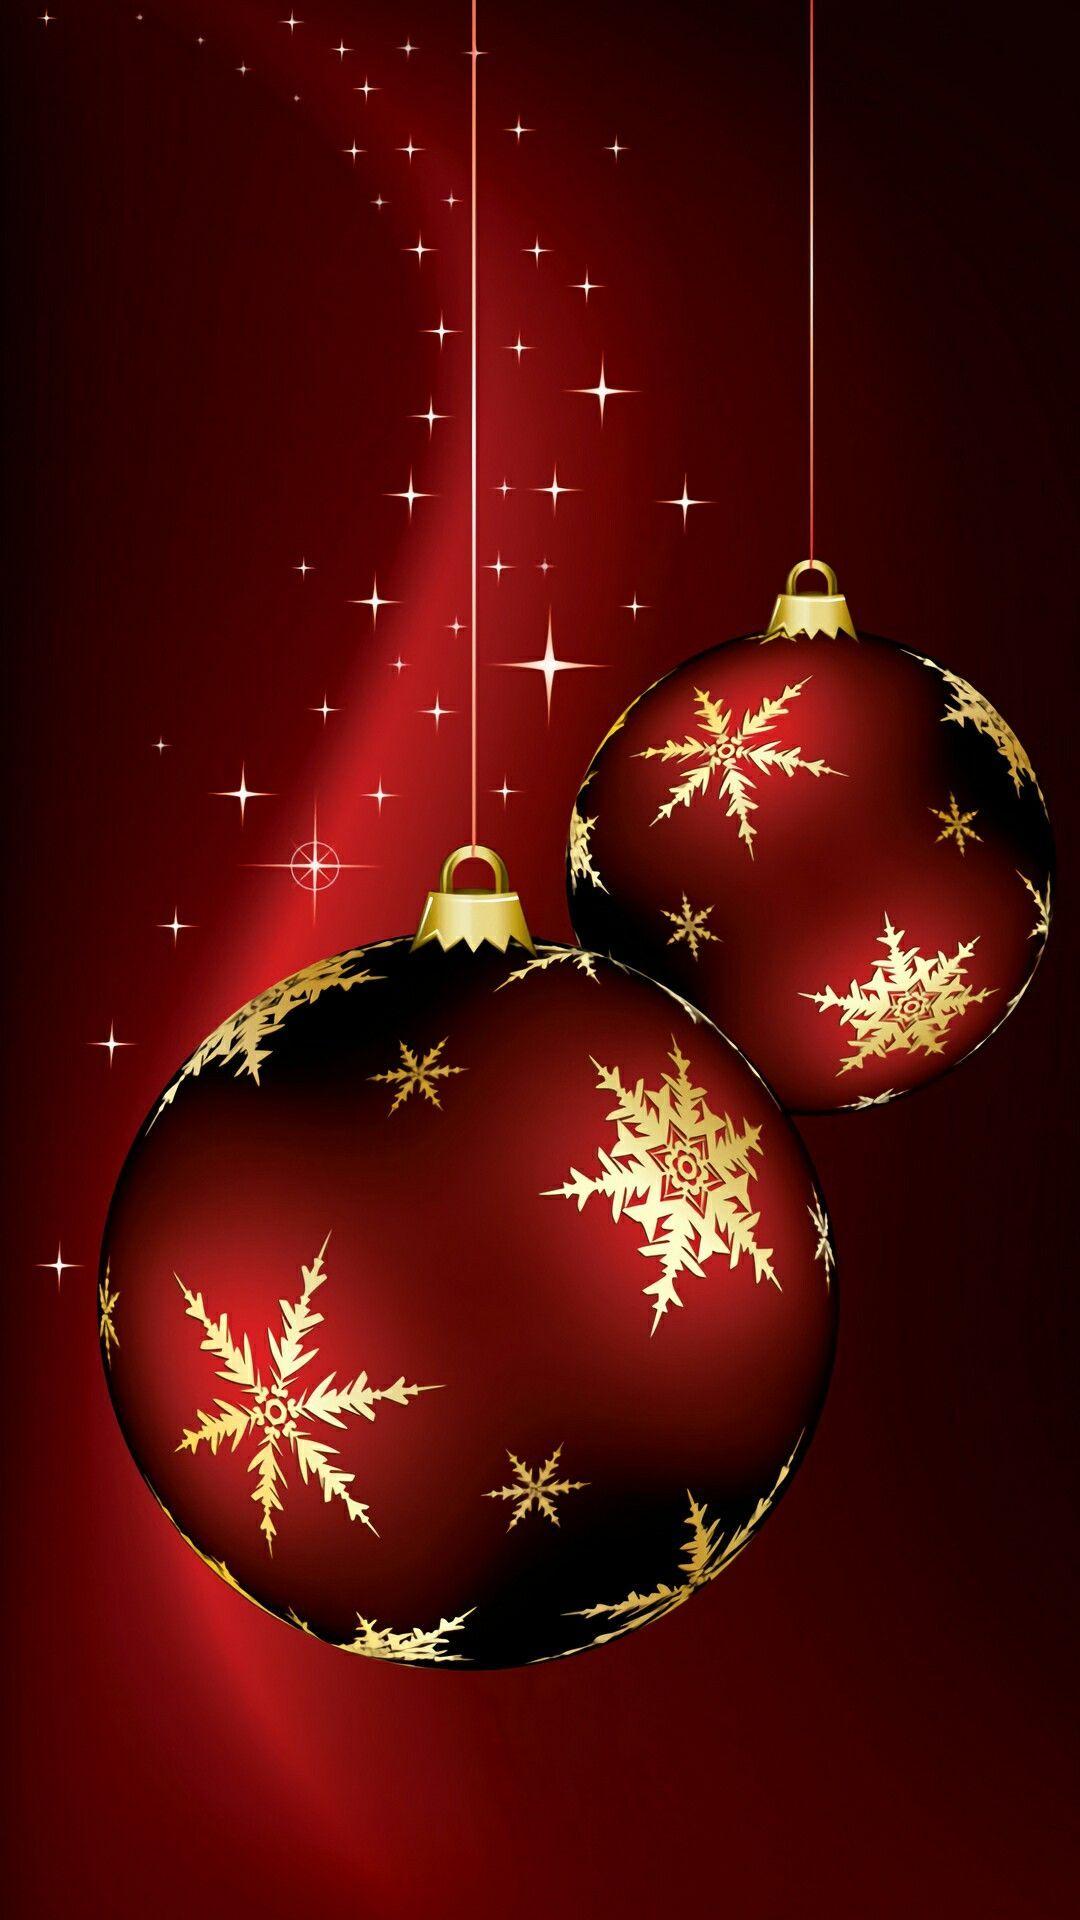 Christmas . Christmas stockings . Wallpaper . Christmas Wallpaper #christmaswallpaperiphone - limon #newyearwallpaper